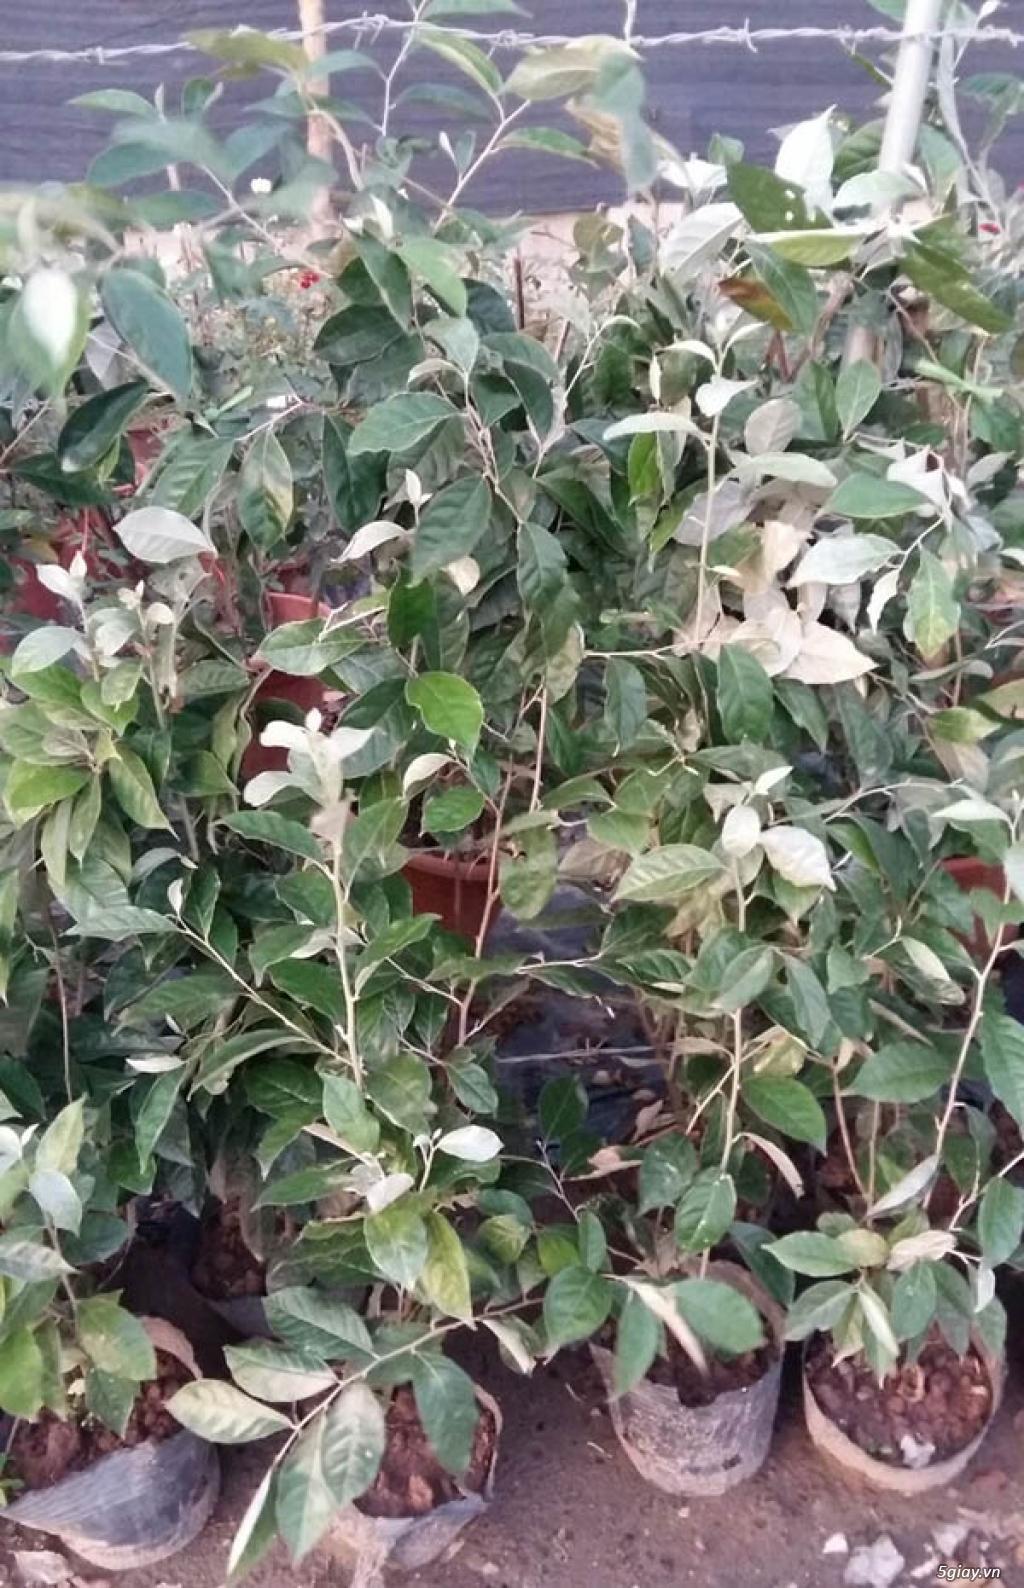 Giống nhót ngọt- GIống cây ăn quả mới lạ có giá trị kinh tế cao - 5